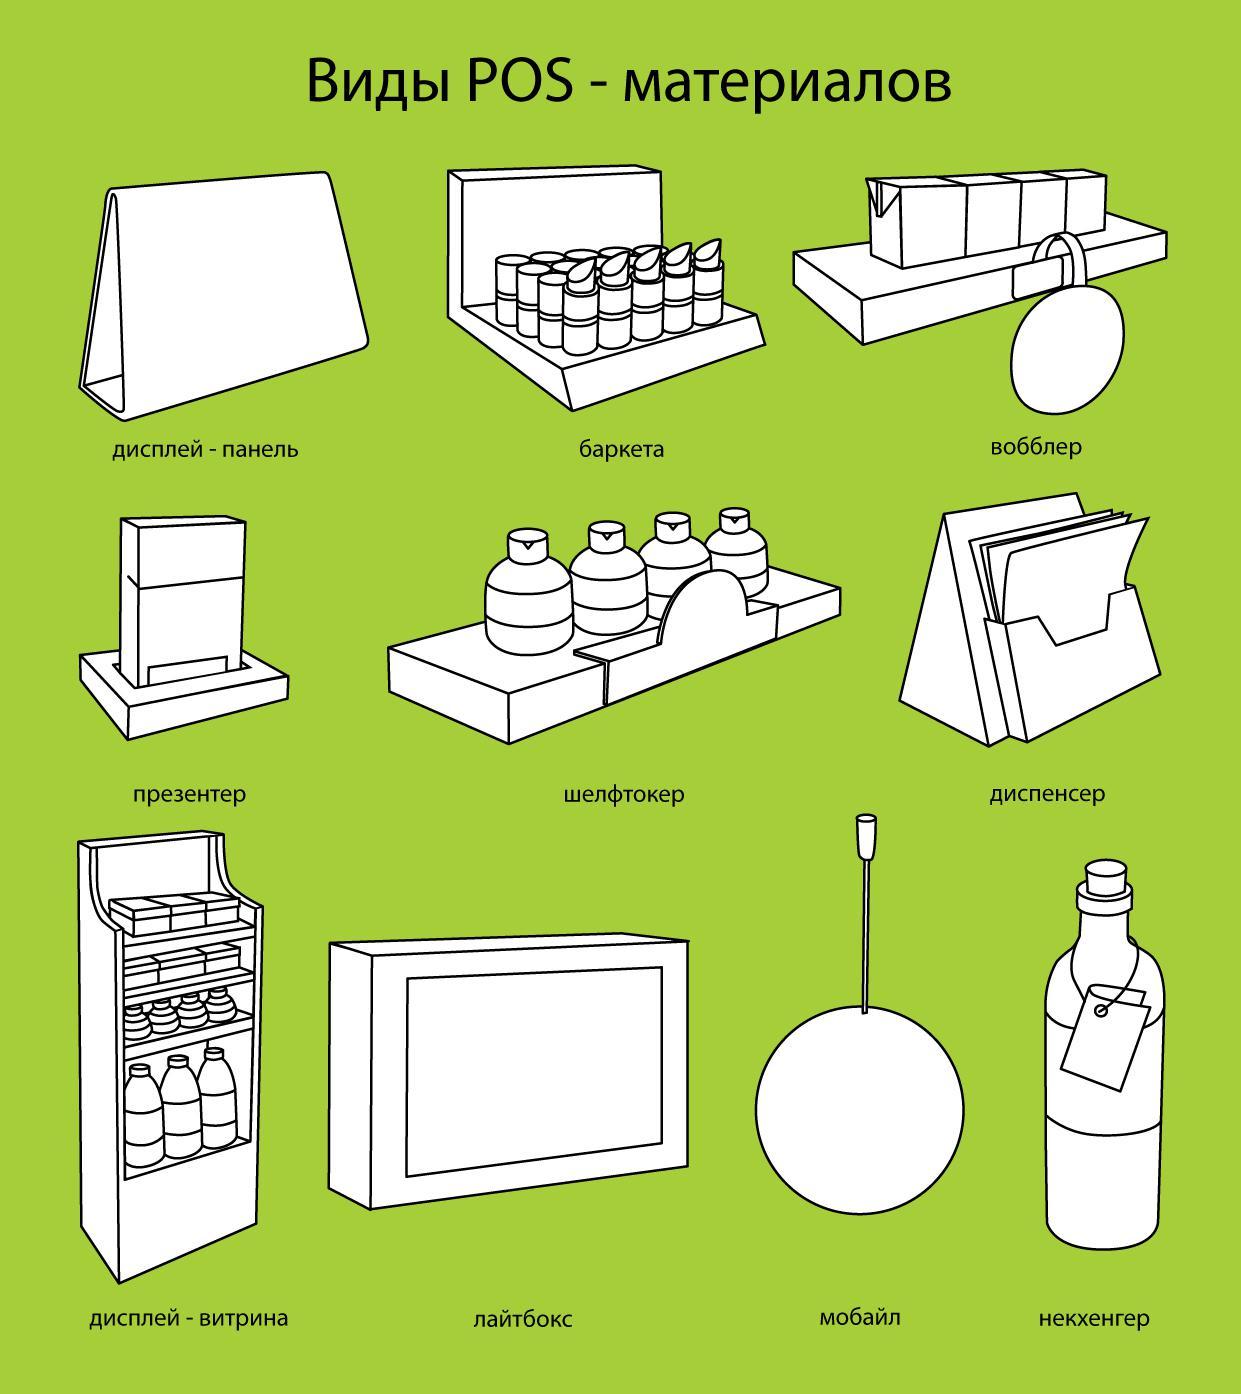 Изготовление POS материалов заказать